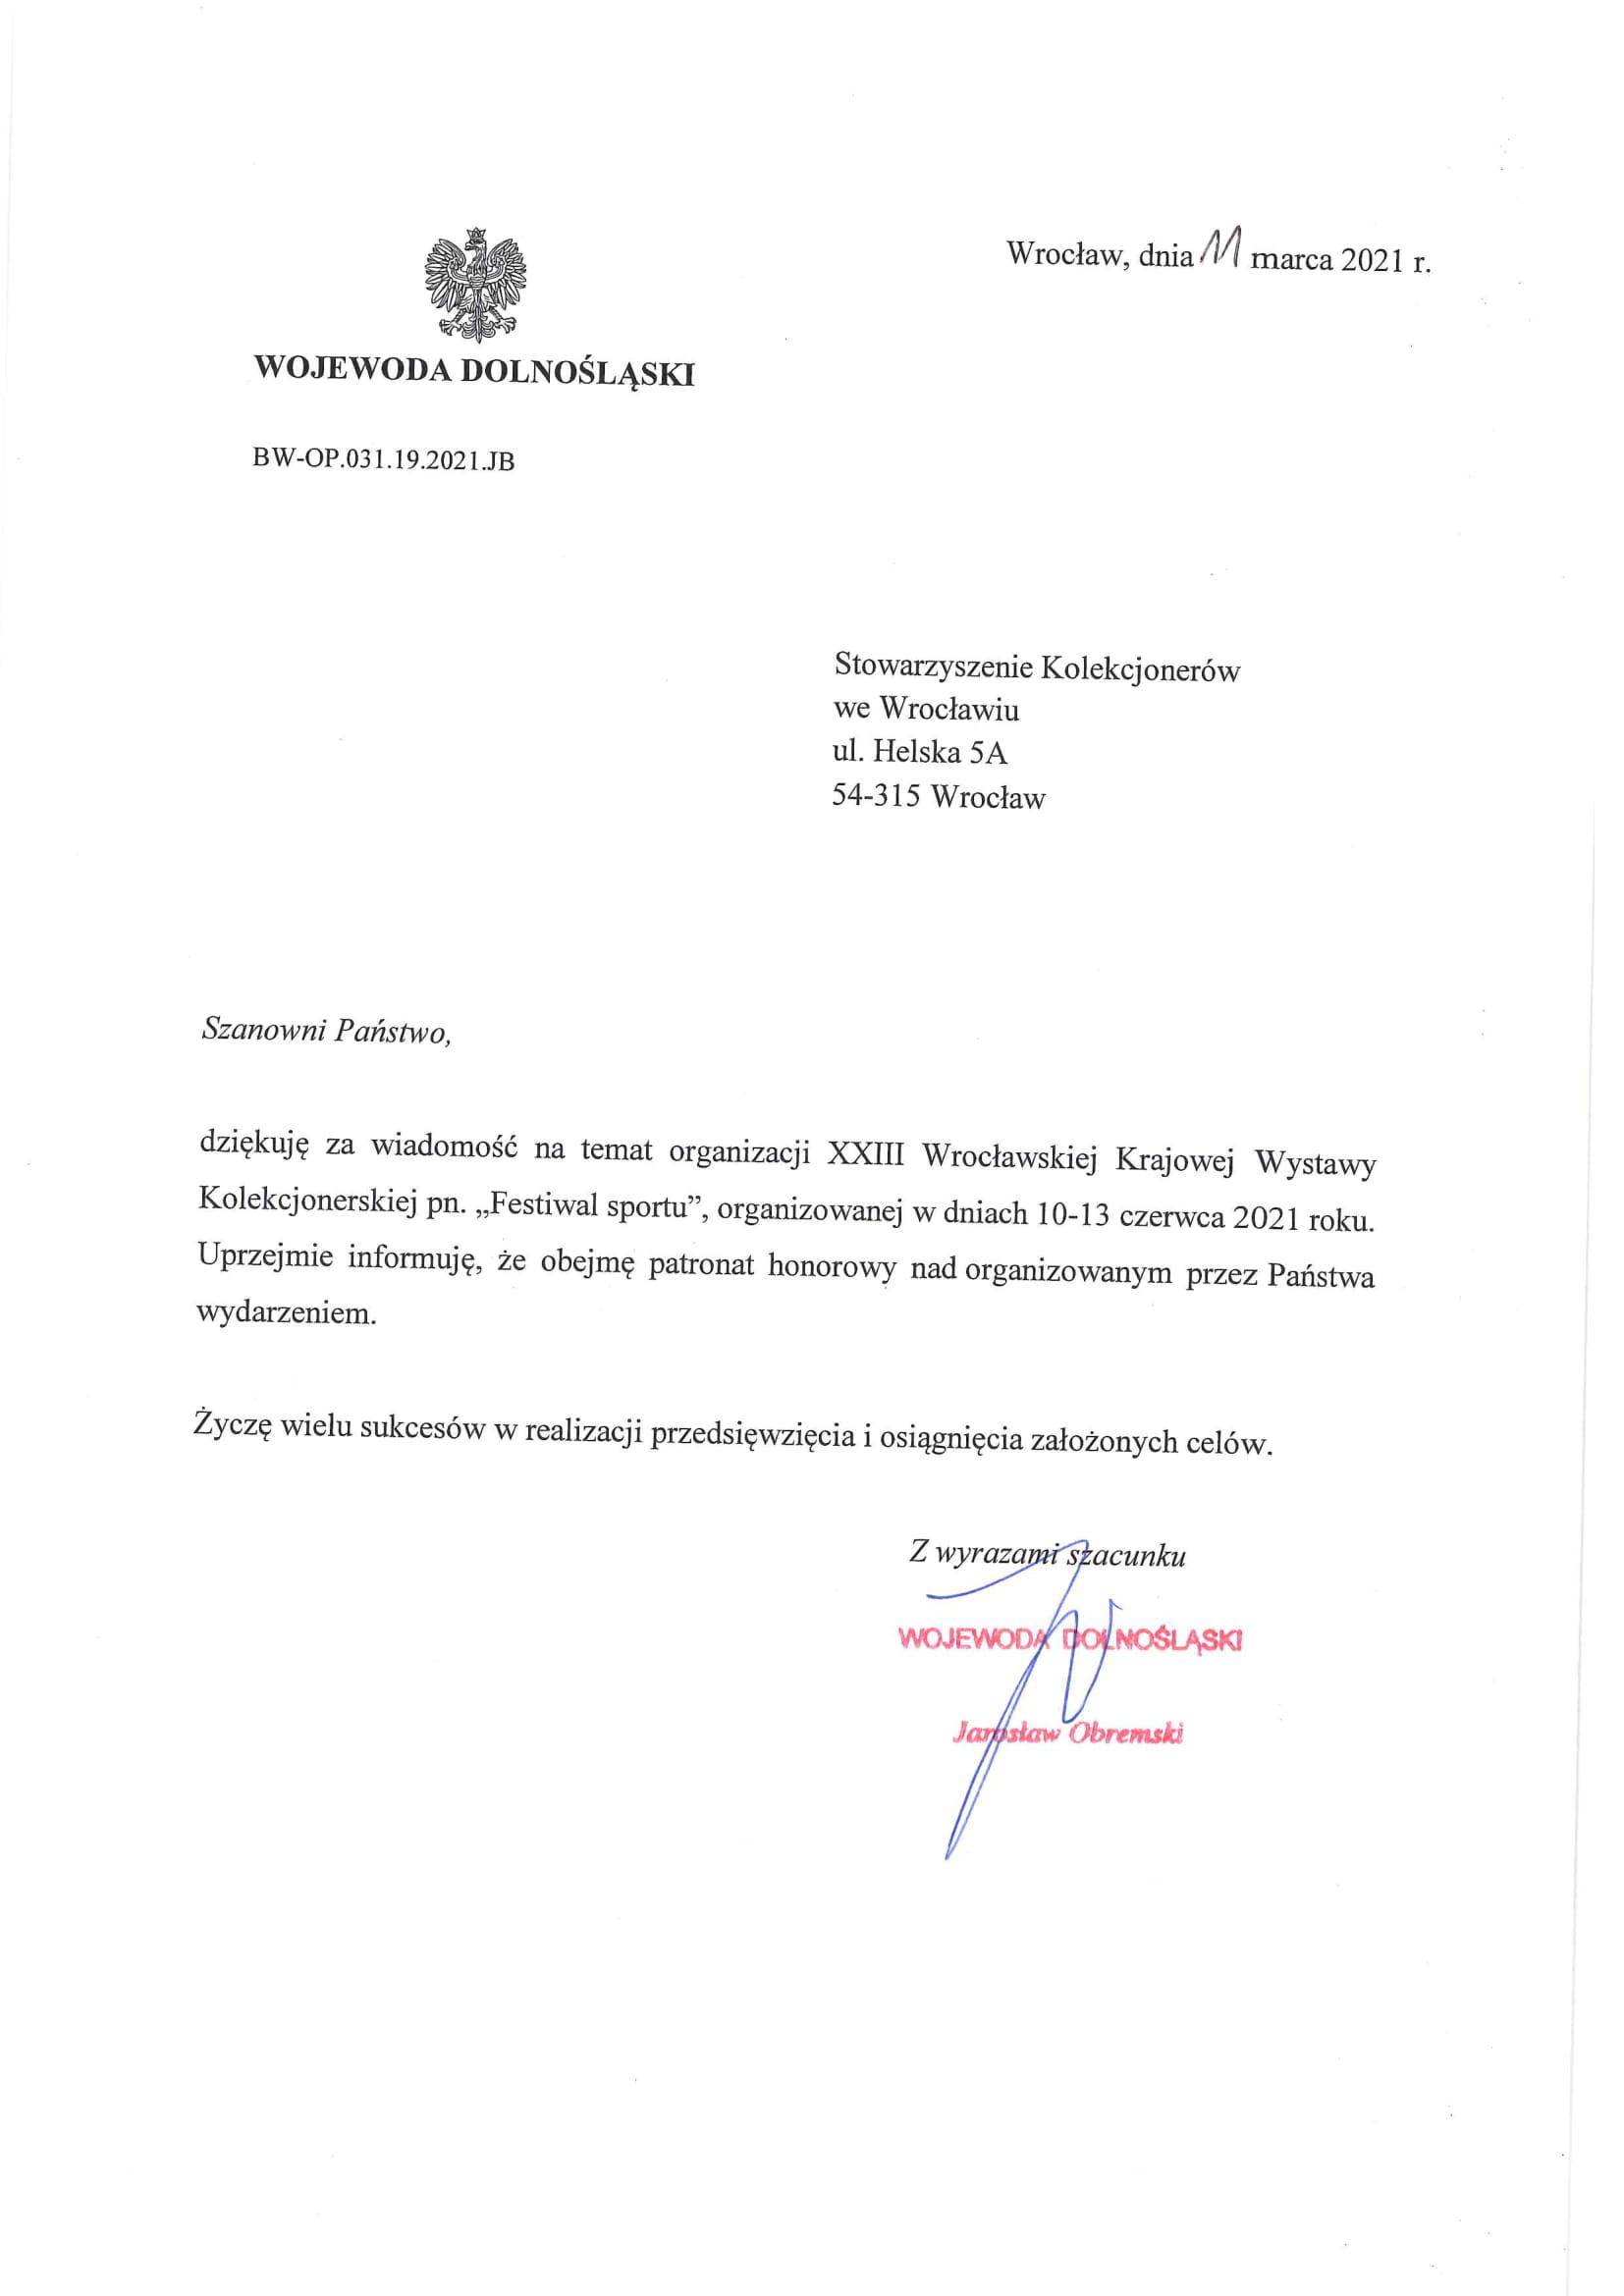 odpowiedź wojewody dolnośląskiego ws. patronatu-1